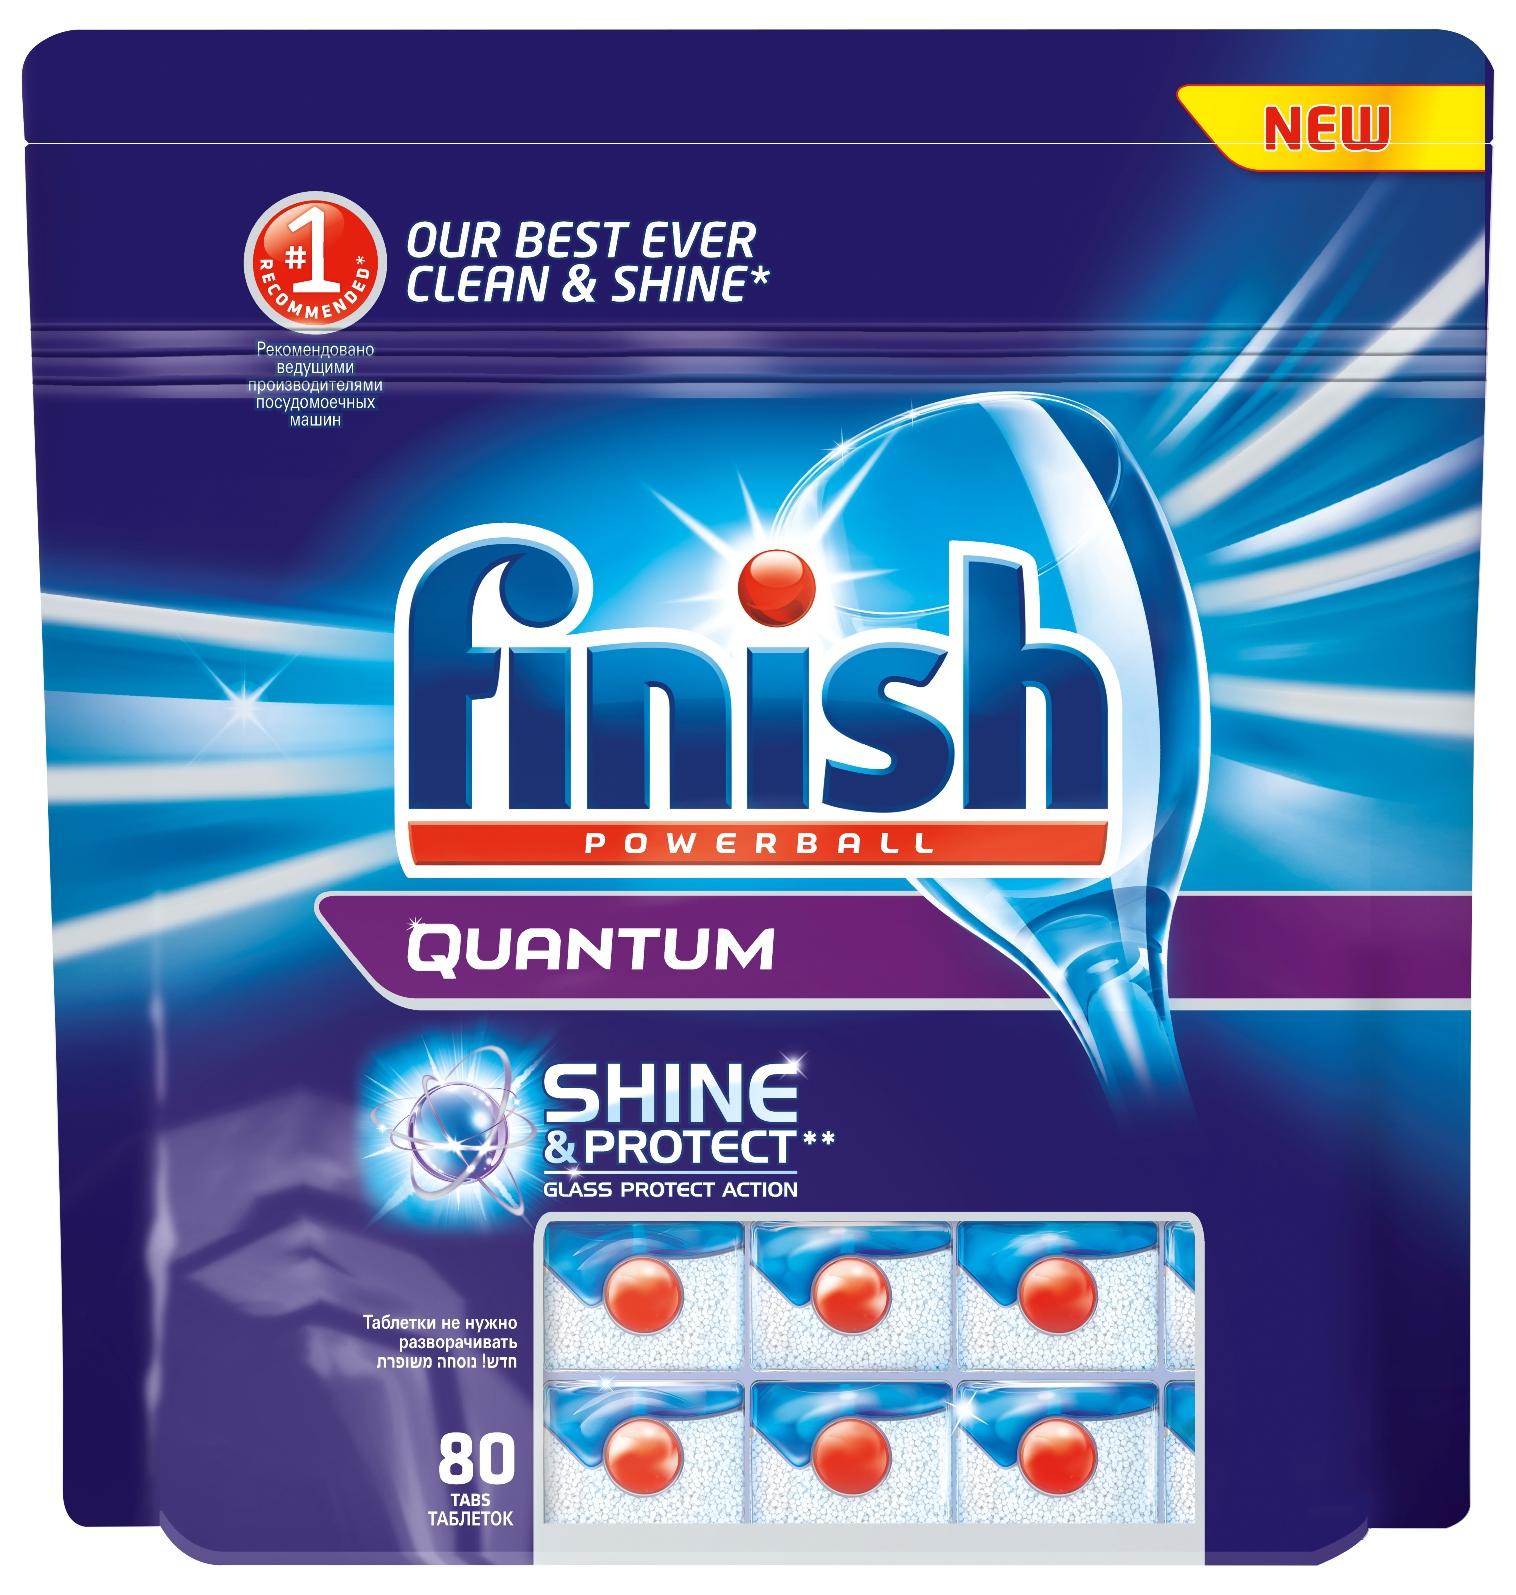 Finish Quantum Блеск и Защита, 80 таблеток10870Новый Finish Quantum Блеск и Защита - это удобные таблетки для посудомоечной машины, которые оказывают тройное действие против жира и грязи, а также придают исключительный блеск и защищают стеклянную посуду от коррозии. Состав: 30 и более триполифосфат натрия, 5% и более, но менее 15% кислородосодержащий отбеливатель, неионогенные ПАВ, поликарбоксилаты, менее 5% фосфаты, энзимы, ароматизаторы. Товар сертифицирован.